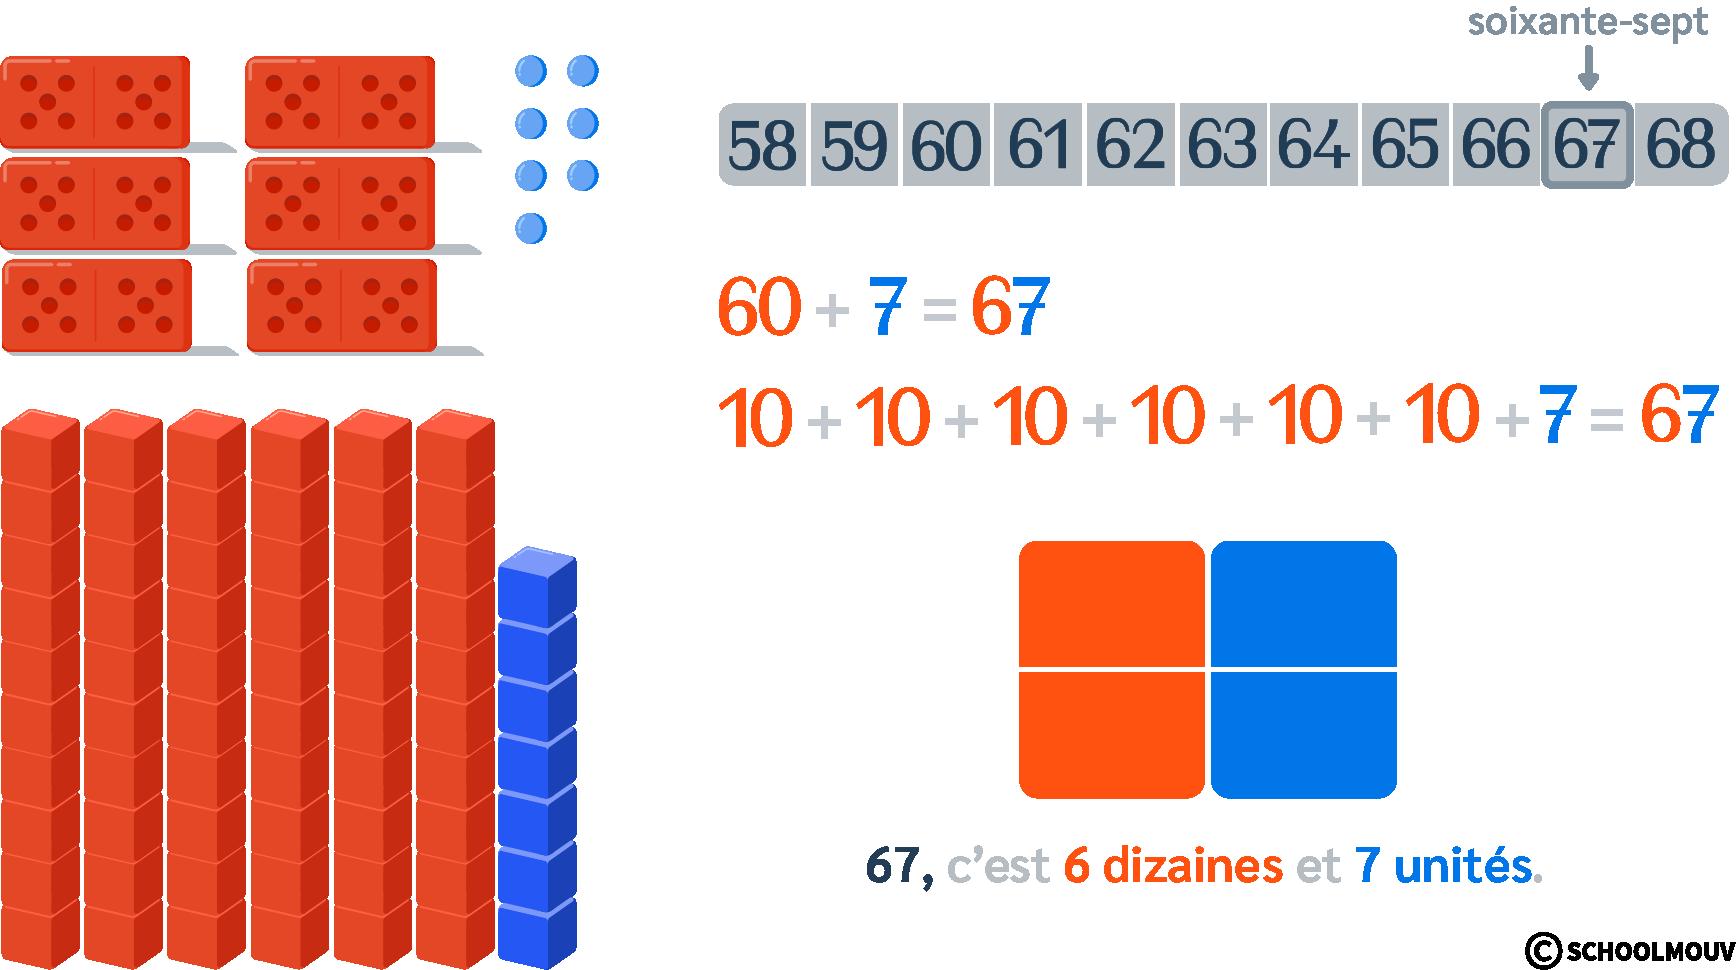 compter de soixante (60) à soixante-dix-neuf (79)